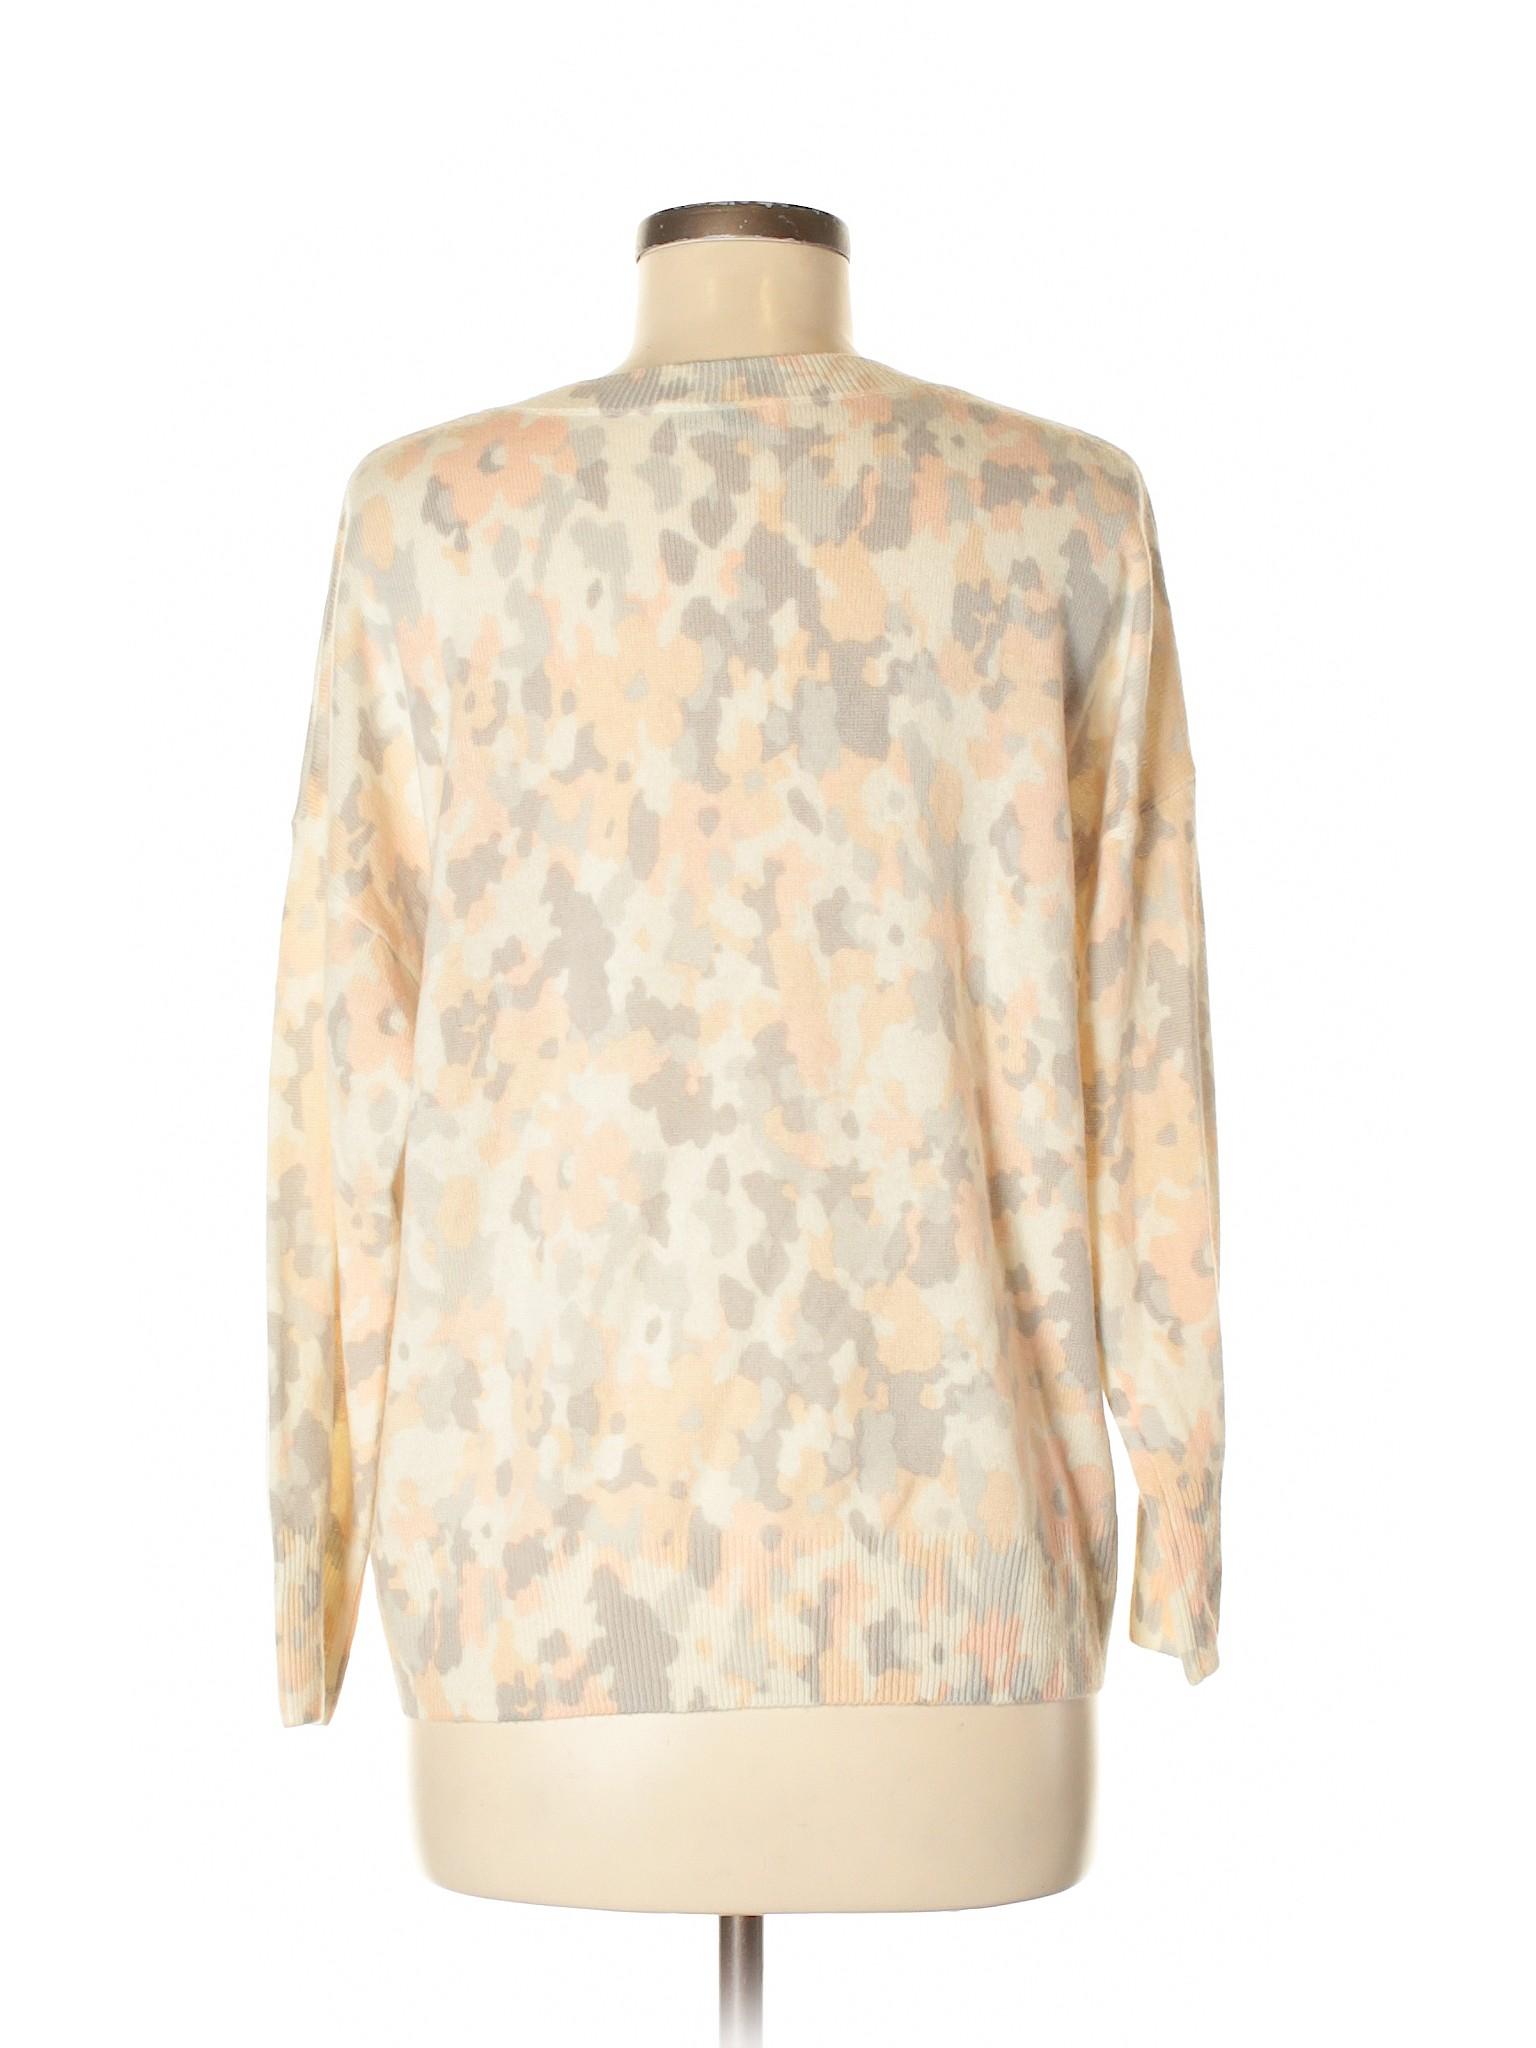 Pullover Sweater Cashmere Equipment Boutique winter SwqgtUwfcx